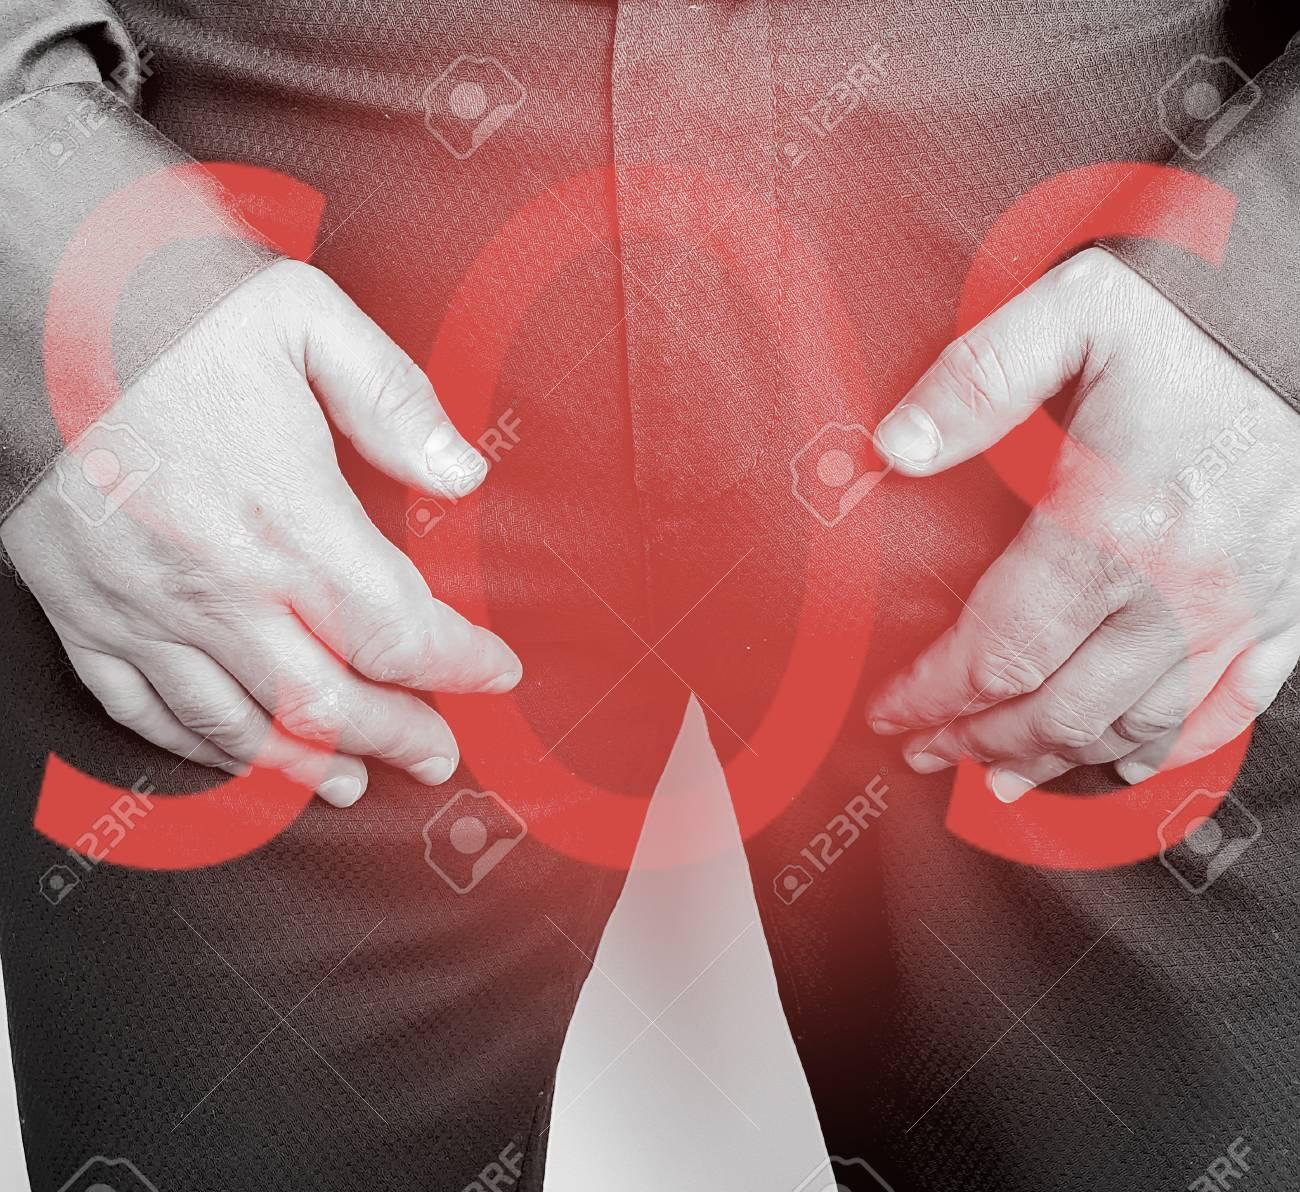 male symptom prostatitis - 115997383